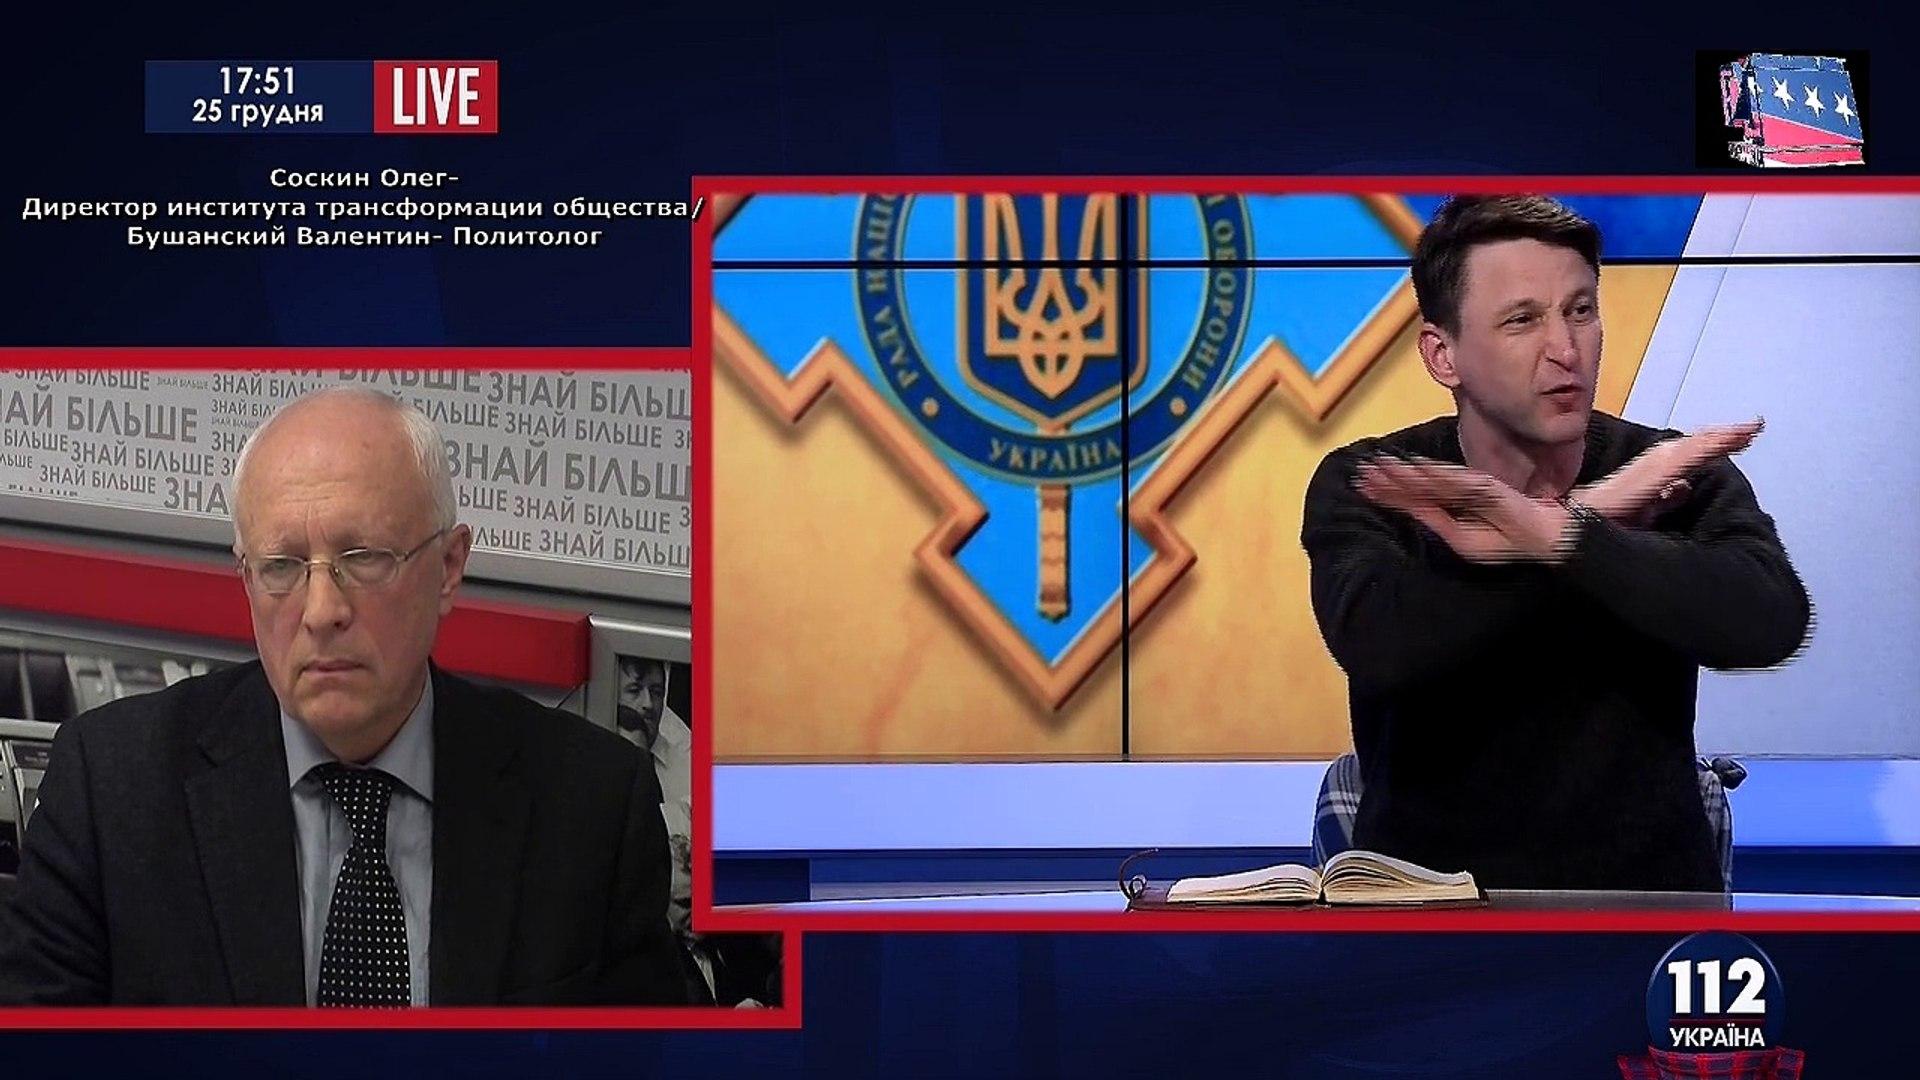 Соскин О , Бушанский В , Диалог о политике Украины 25. 12. 2014 года